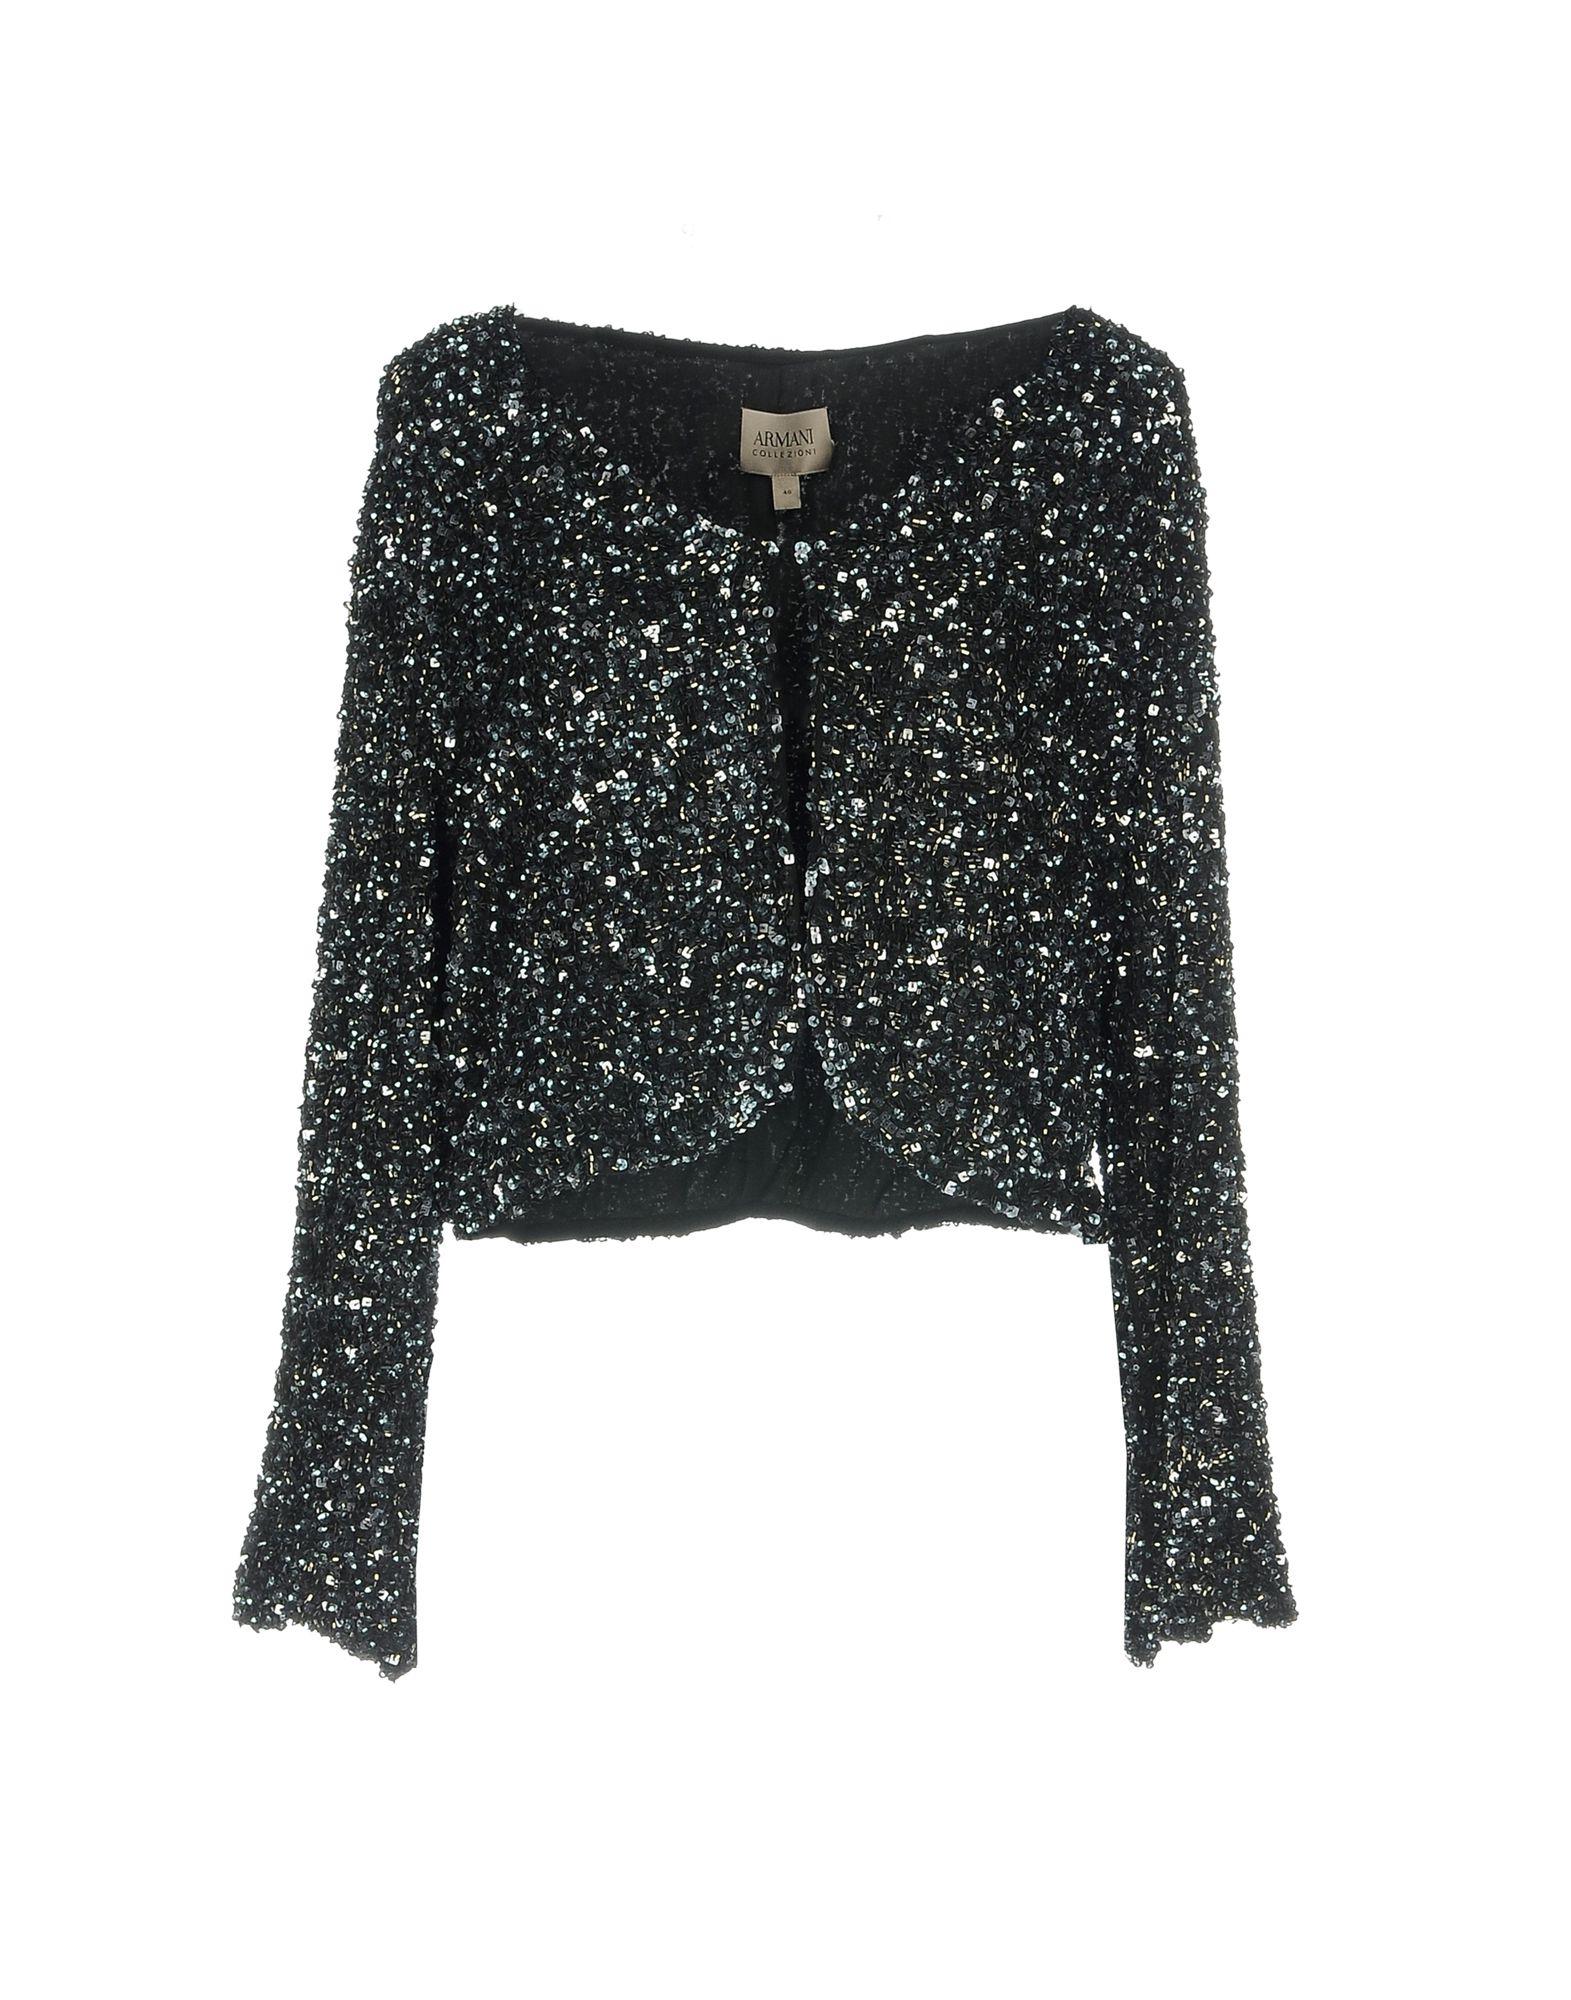 Giacca Armani Collezioni Donna - Acquista online su Bv4vm